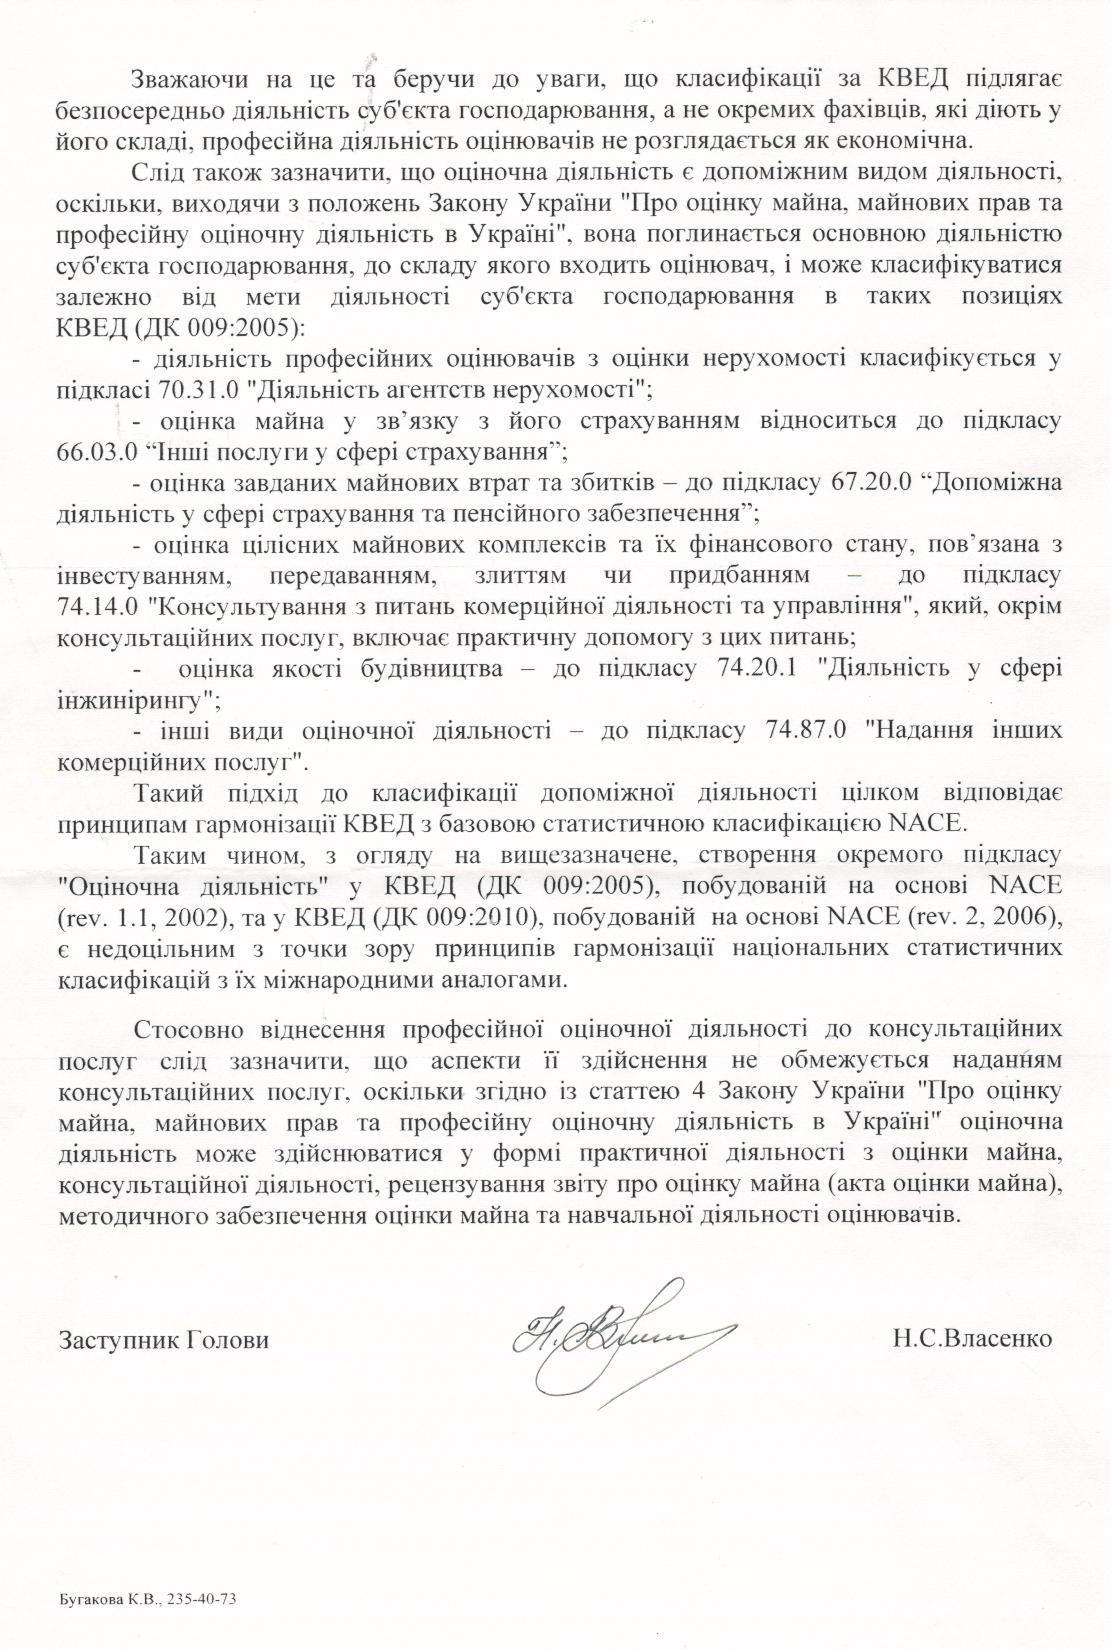 письмо Госкомстат